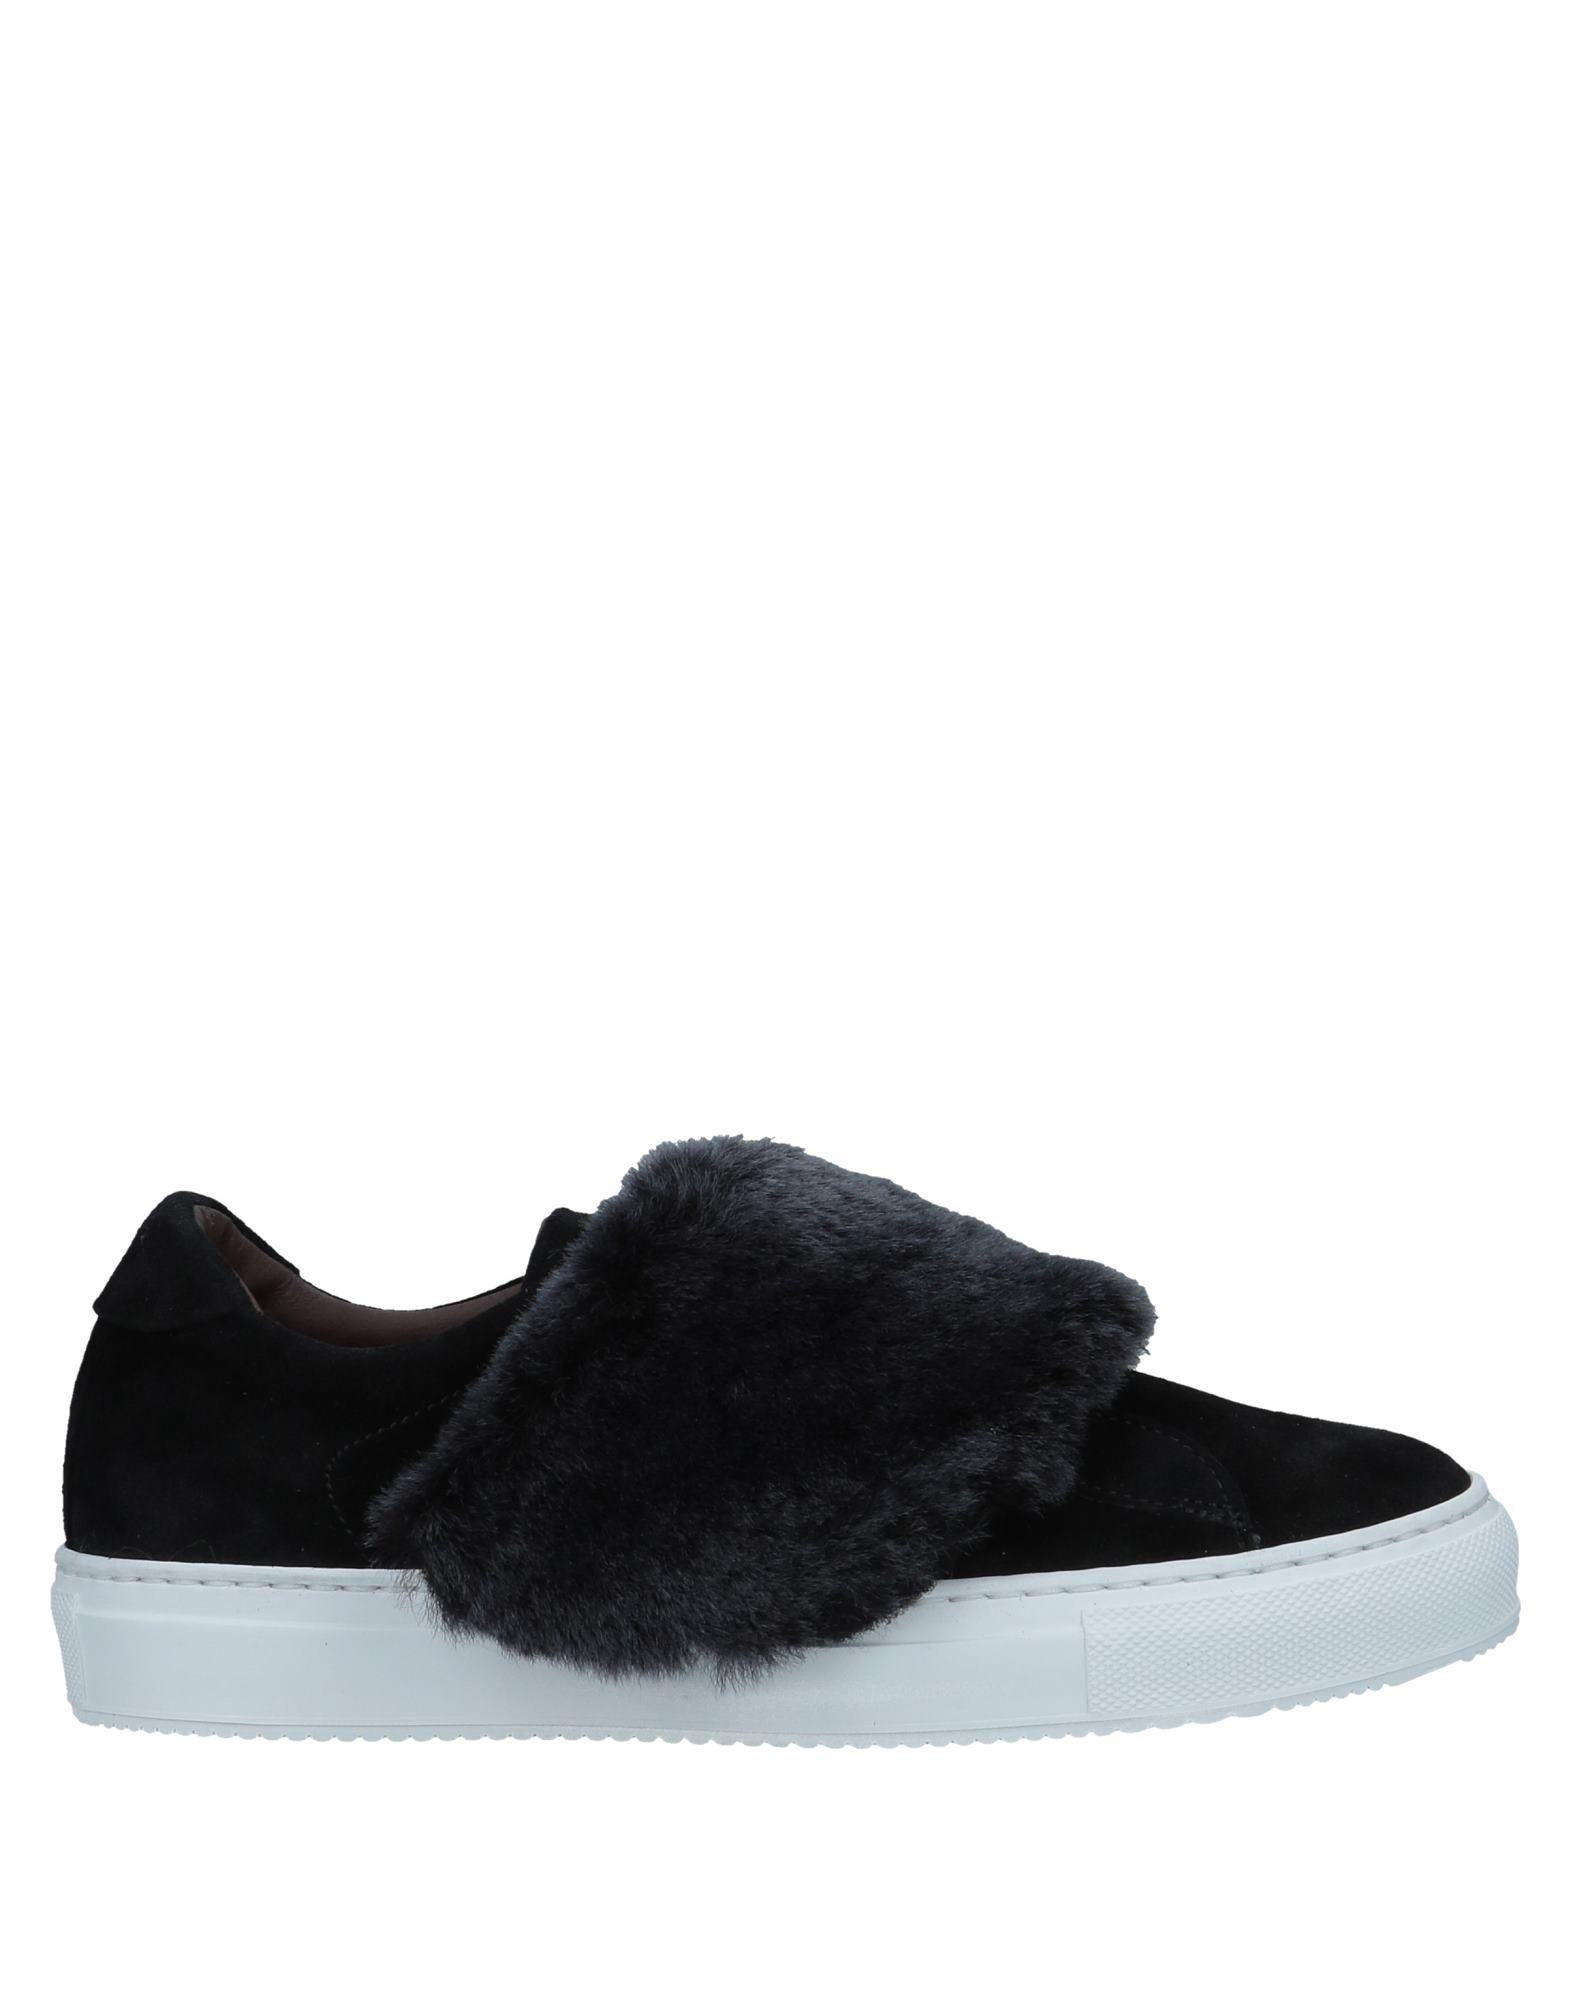 Boemos Sneakers - Women Boemos Sneakers online on    United Kingdom - 11549739OU a74d51